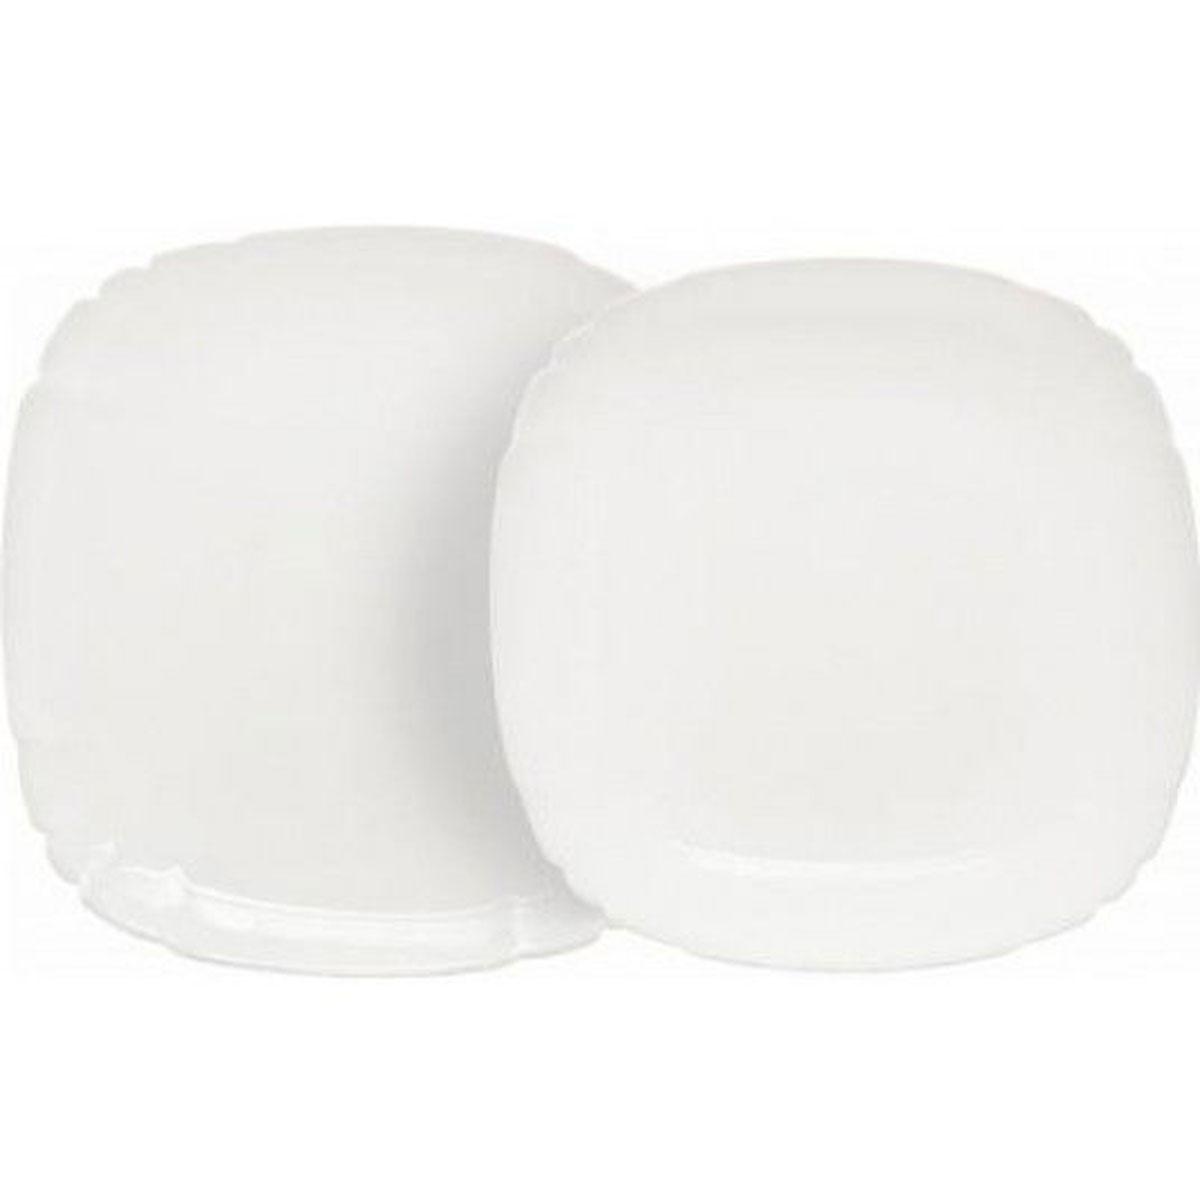 Набор столовой посуды Luminarc Lotusia, 12 предметовH3526Набор Luminarc Lotusia состоит из 6 суповых тарелок и 6 обеденных тарелок. Изделия выполнены из ударопрочного стекла, имеют яркий дизайн с рельефным краям и изящную квадратную форму. Посуда отличается прочностью, гигиеничностью и долгим сроком службы, она устойчива к появлению царапин и резким перепадам температур. Такой набор прекрасно подойдет как для повседневного использования, так и для праздников или особенных случаев. Набор столовой посуды Luminarc Lotusia - это не только яркий и полезный подарок для родных и близких, а также великолепное дизайнерское решение для вашей кухни или столовой. Можно мыть в посудомоечной машине и использовать в микроволновой печи. Размер суповой тарелки: 20,5 см х 20,5 см. Высота суповой тарелки: 3,5 см.Размер обеденной тарелки: 25 см х 25 см. Высота обеденной тарелки: 1,8 см.